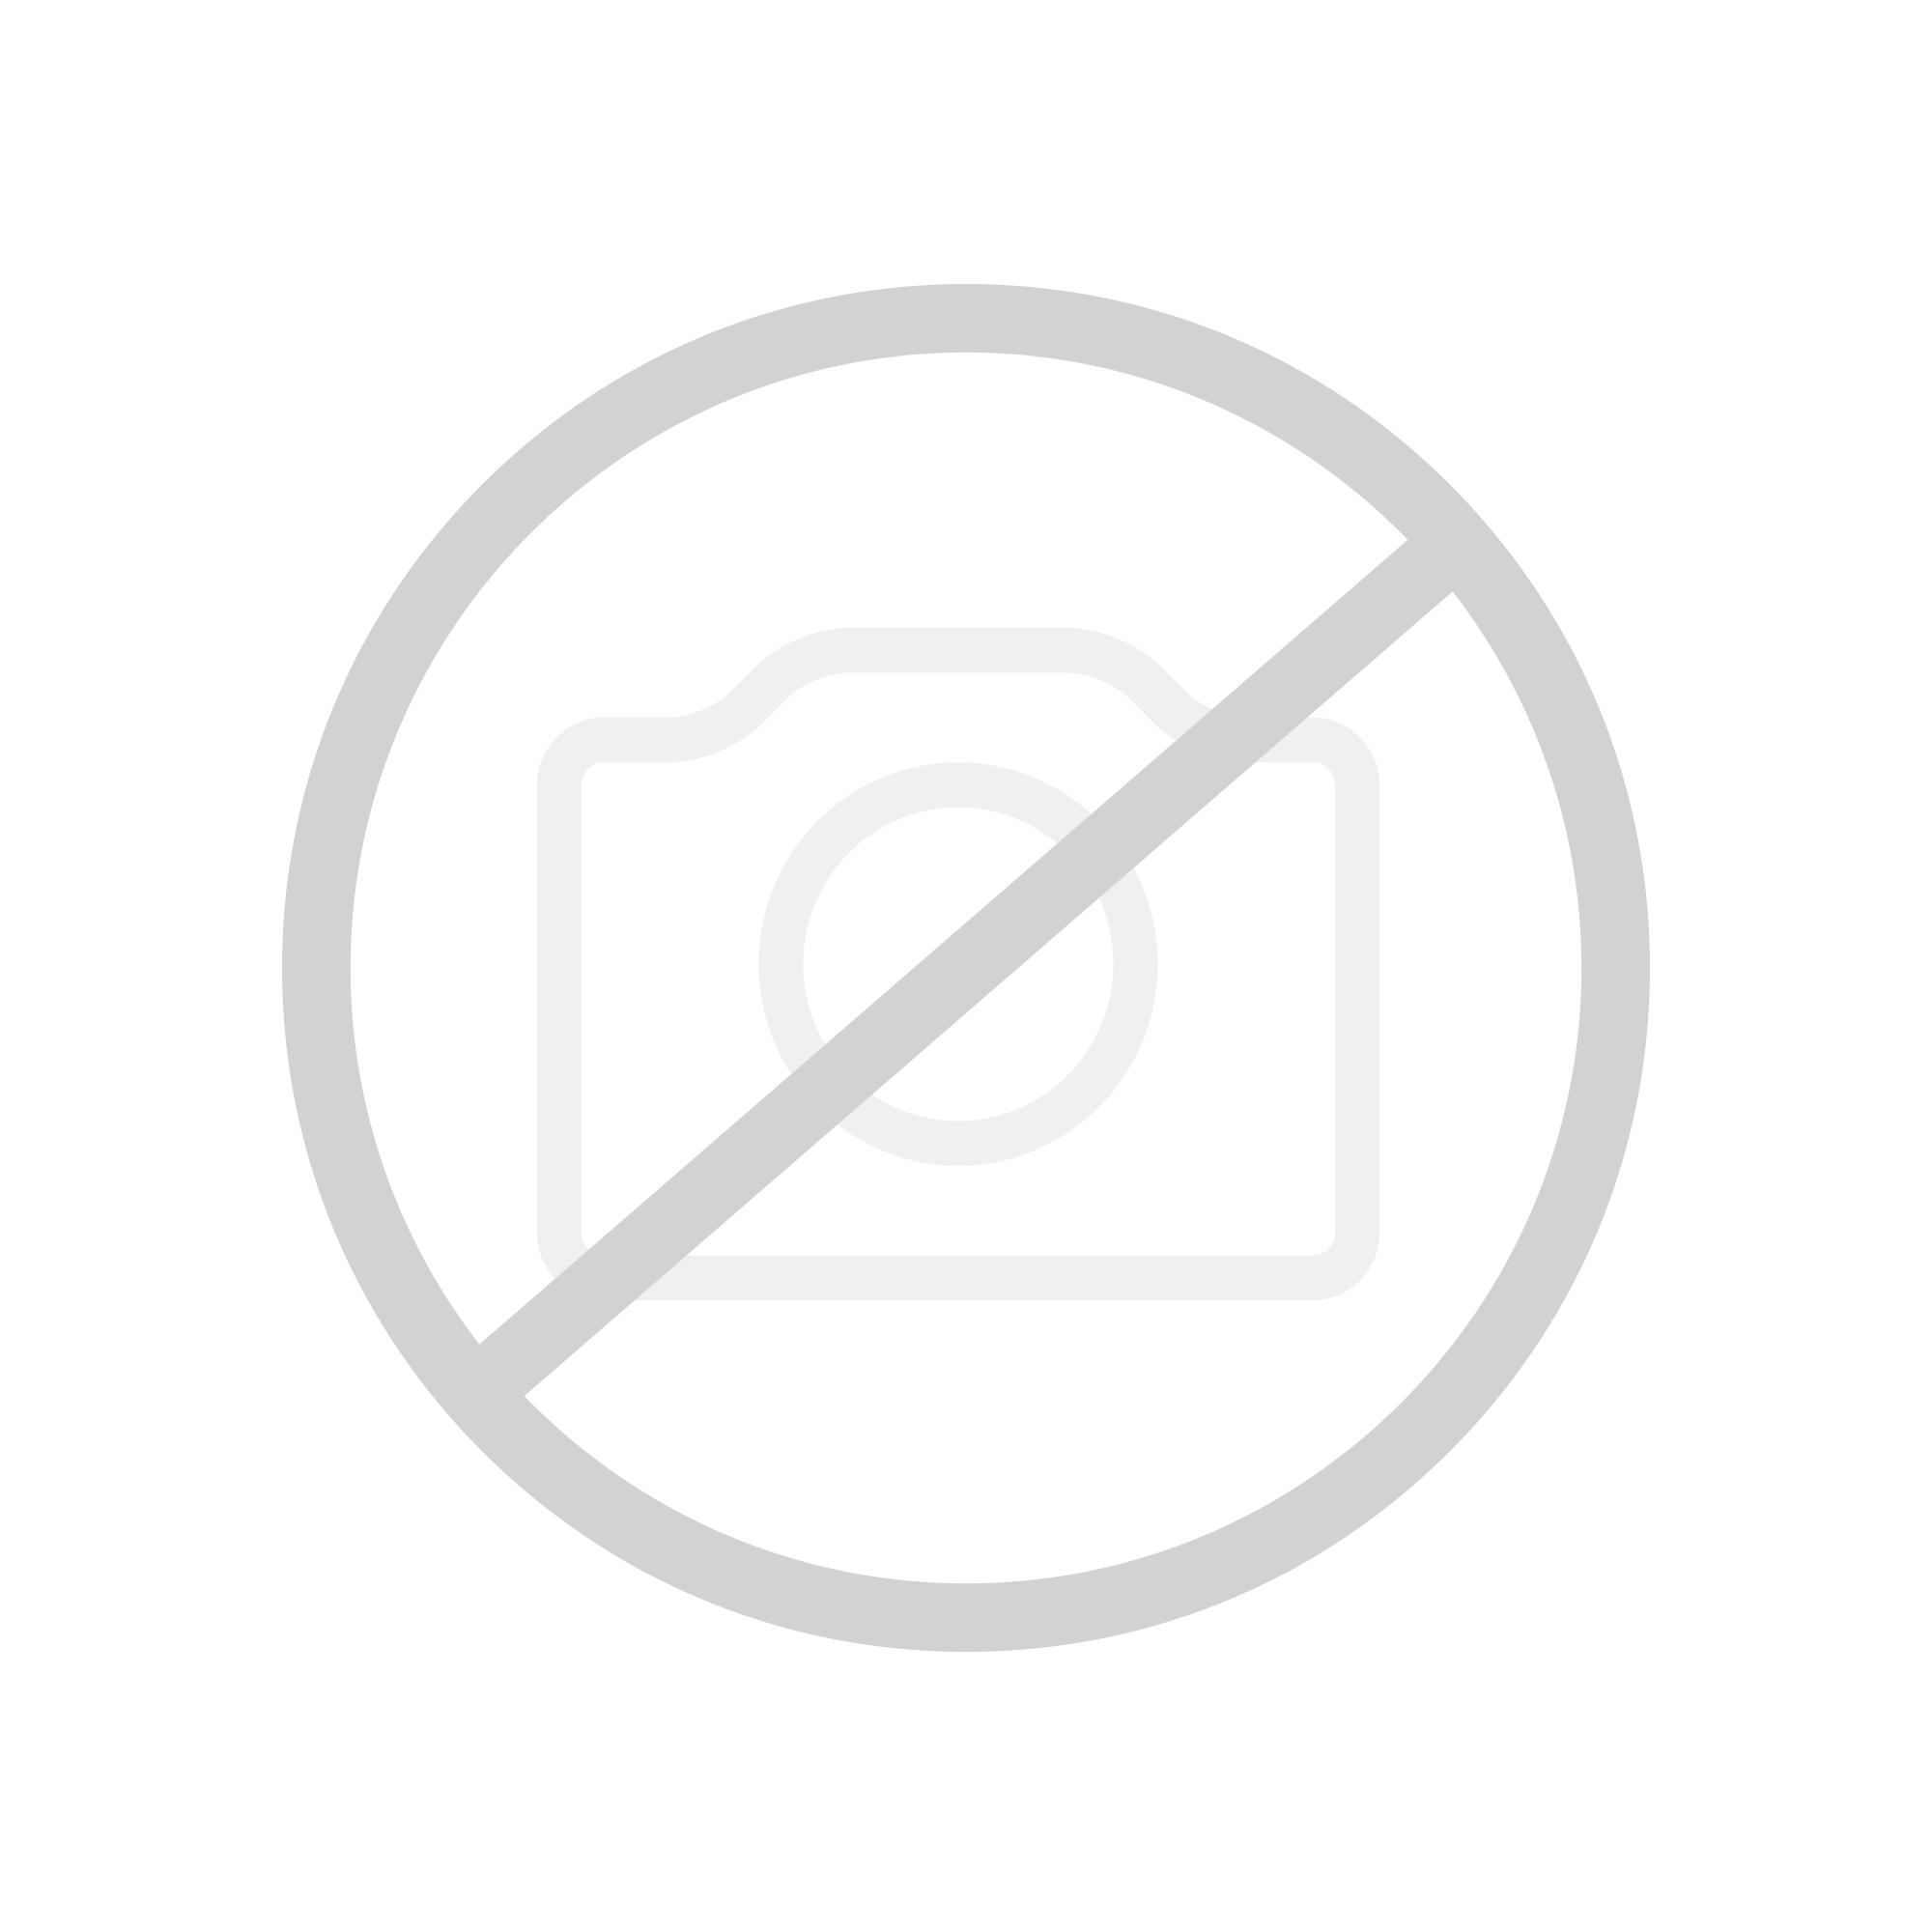 keuco elegance handtuchhalter 2 teilig 11618010000 reuter. Black Bedroom Furniture Sets. Home Design Ideas